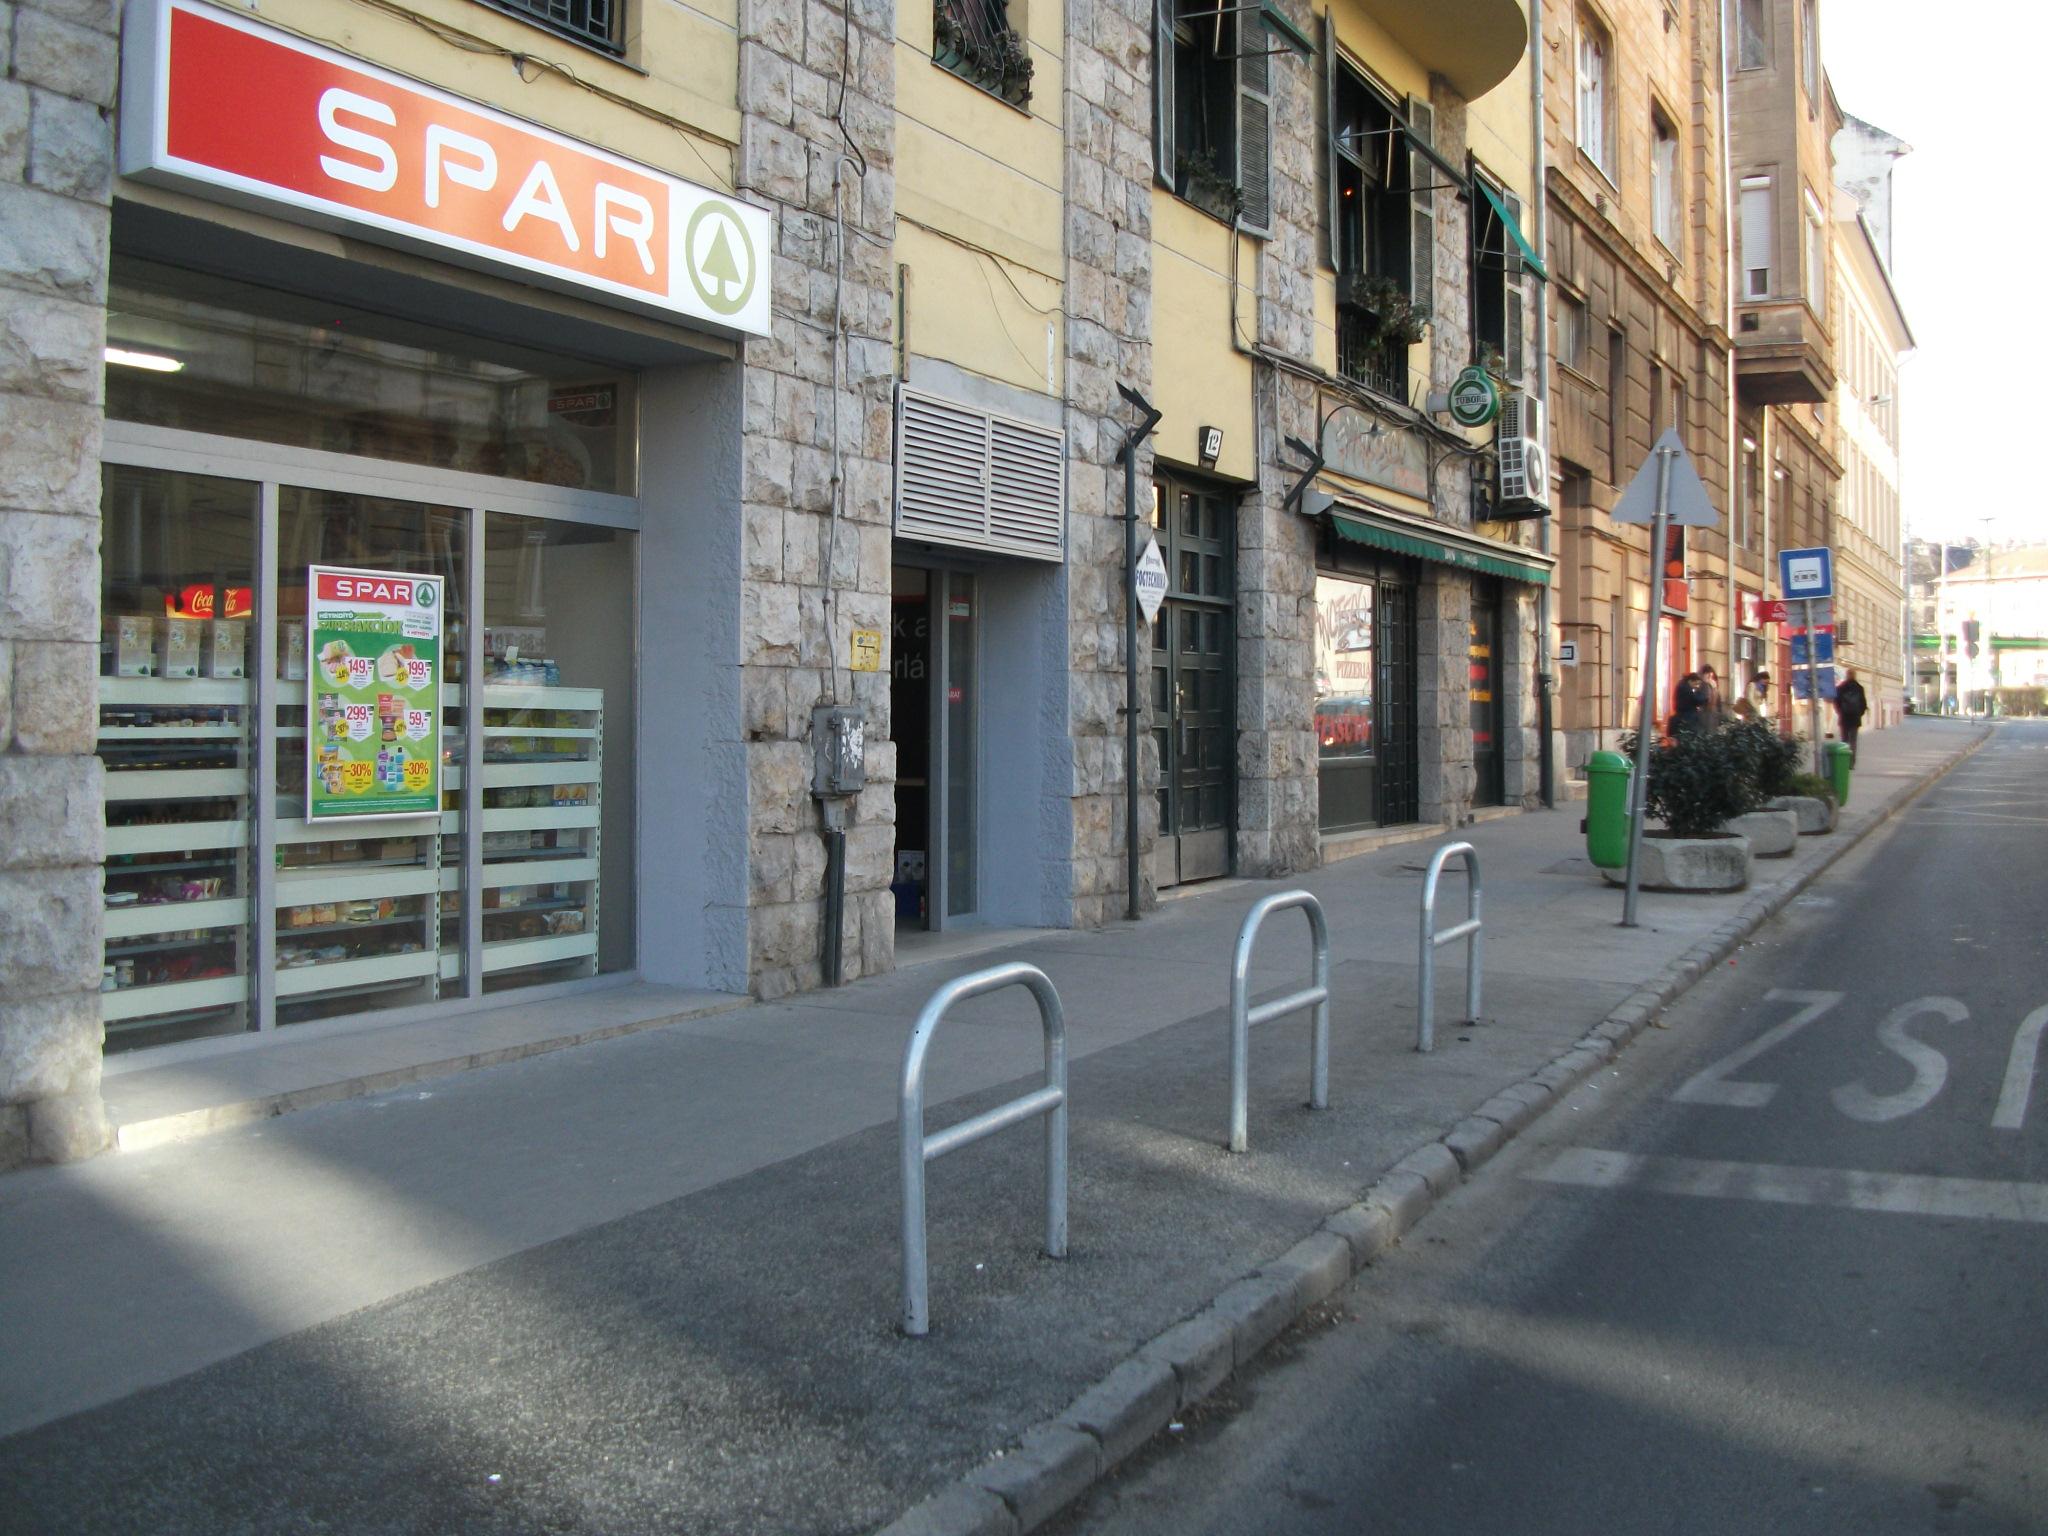 Mészáros utca, Spar